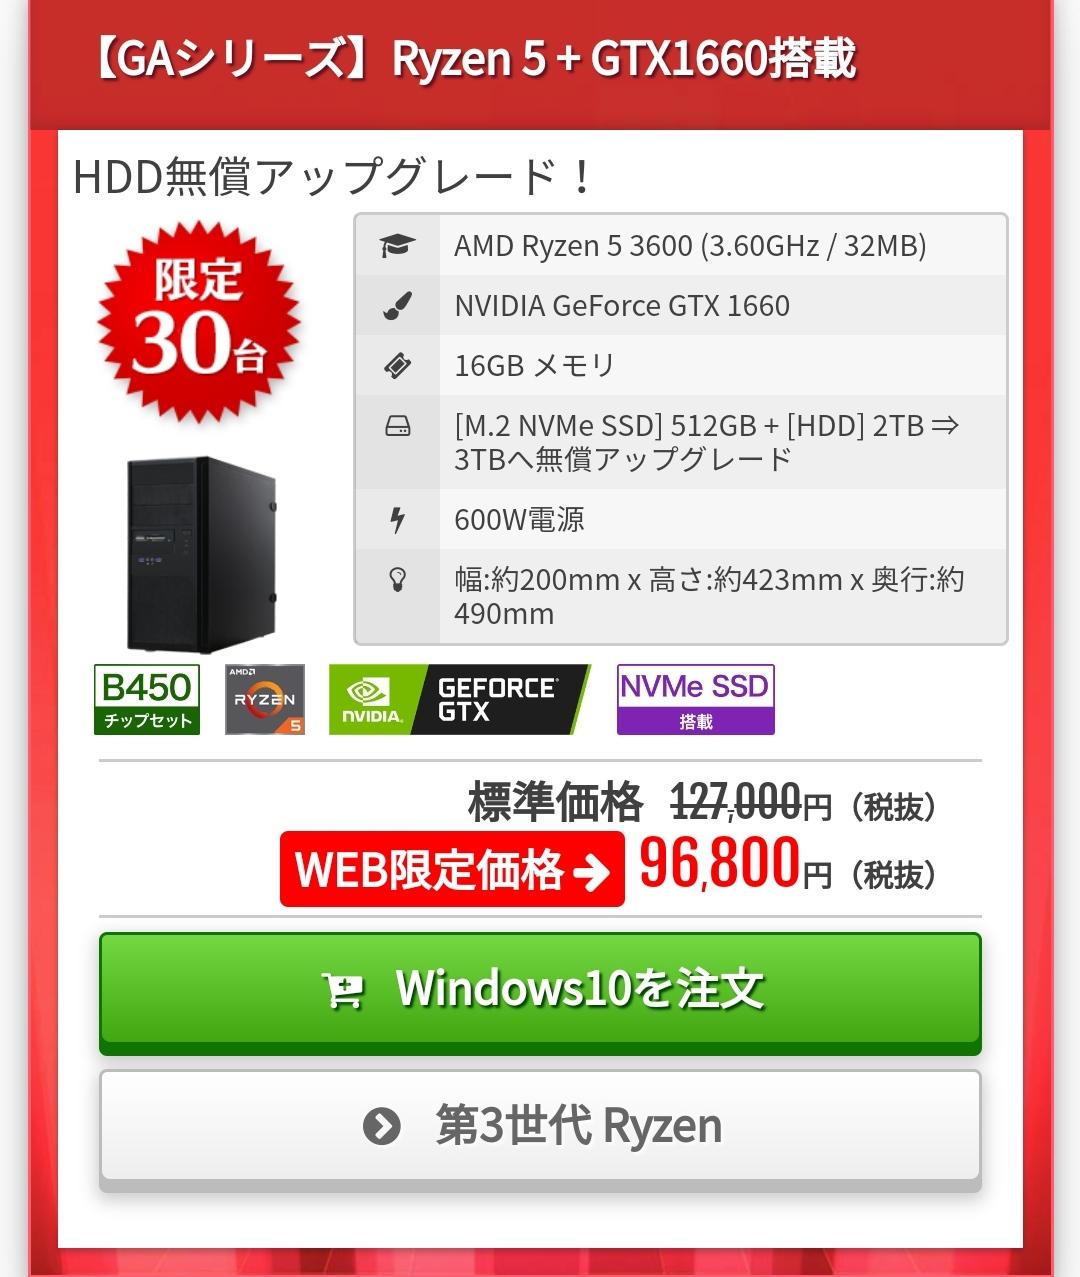 xXaNvs7 - 【画像】フロンティアのゲーミングPC、ガチのマジで安い